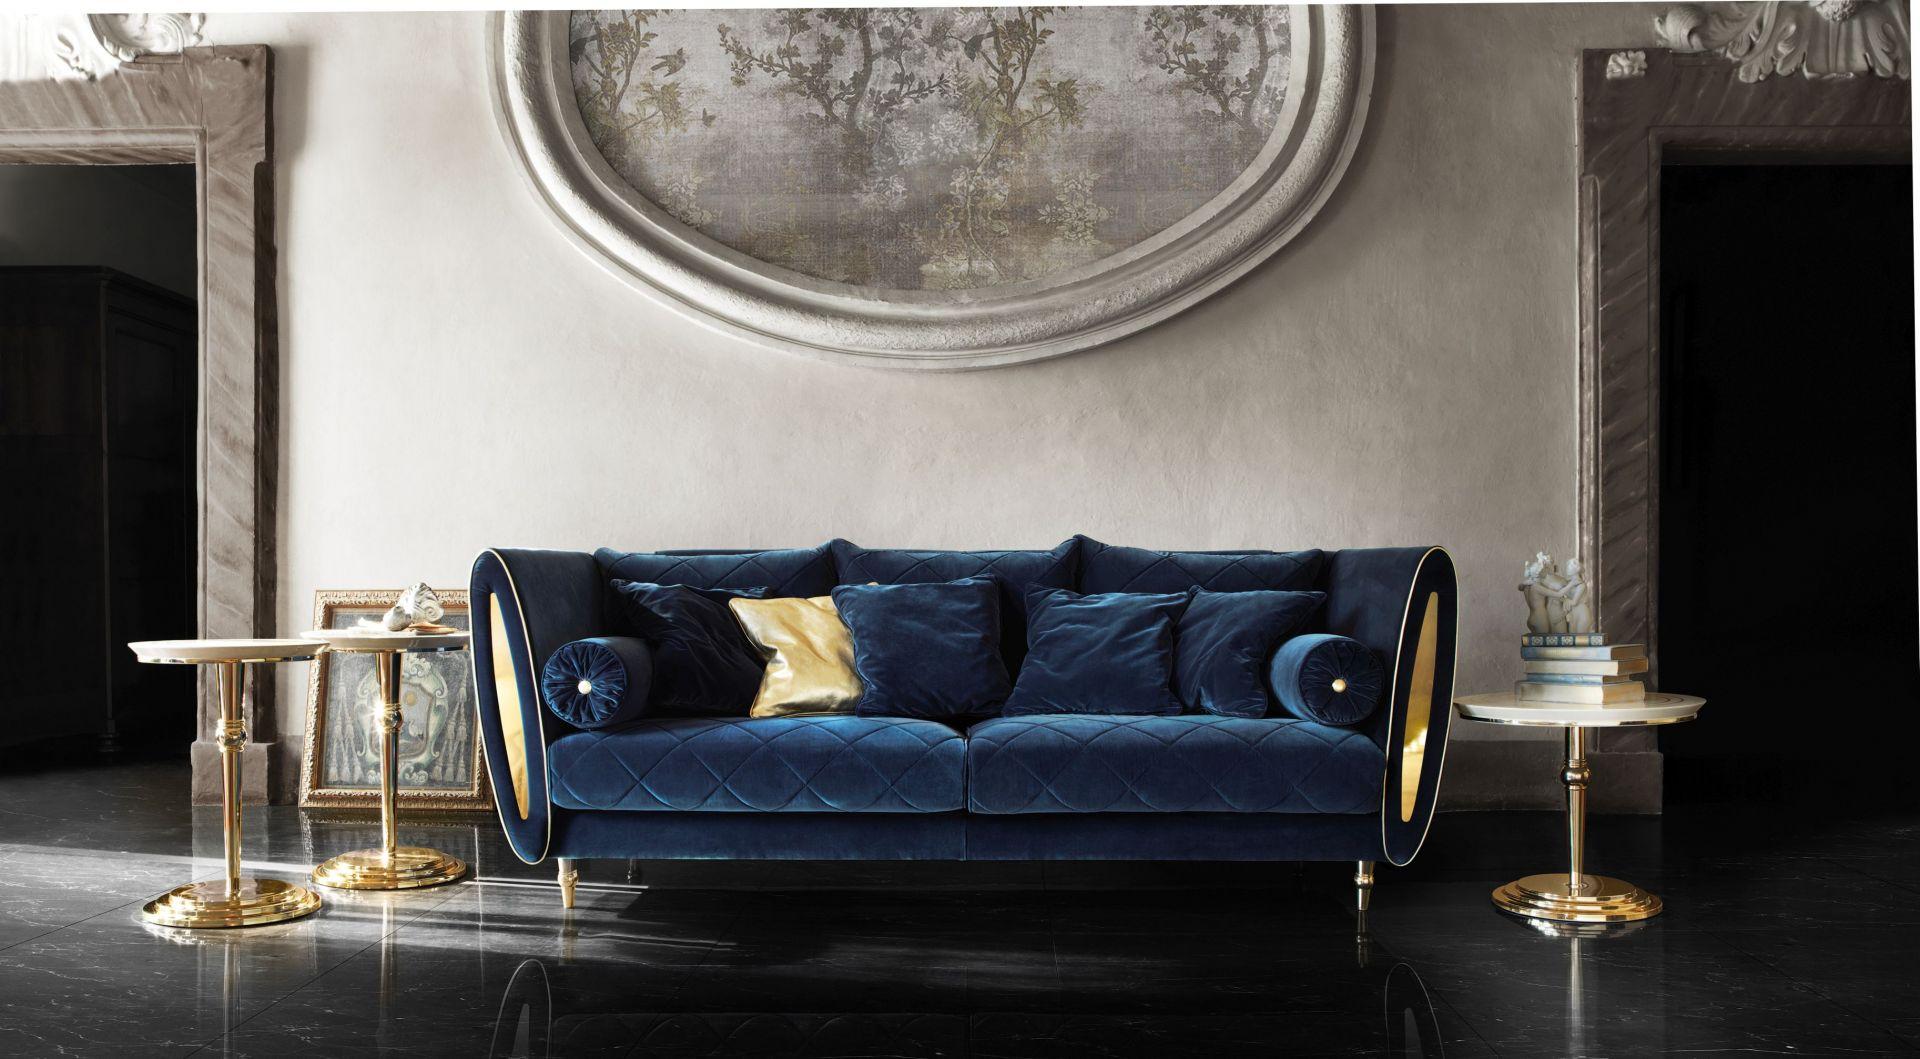 We wnętrzach urządzonych w stylu art déco odnajdą się osoby, które cenią sobie komfort oraz czas spędzony w otoczeniu pięknych przedmiotów. Na zdjęciu: sofa Sipario firmy Rad Pol. Fot. Galeria Wnętrz Domar